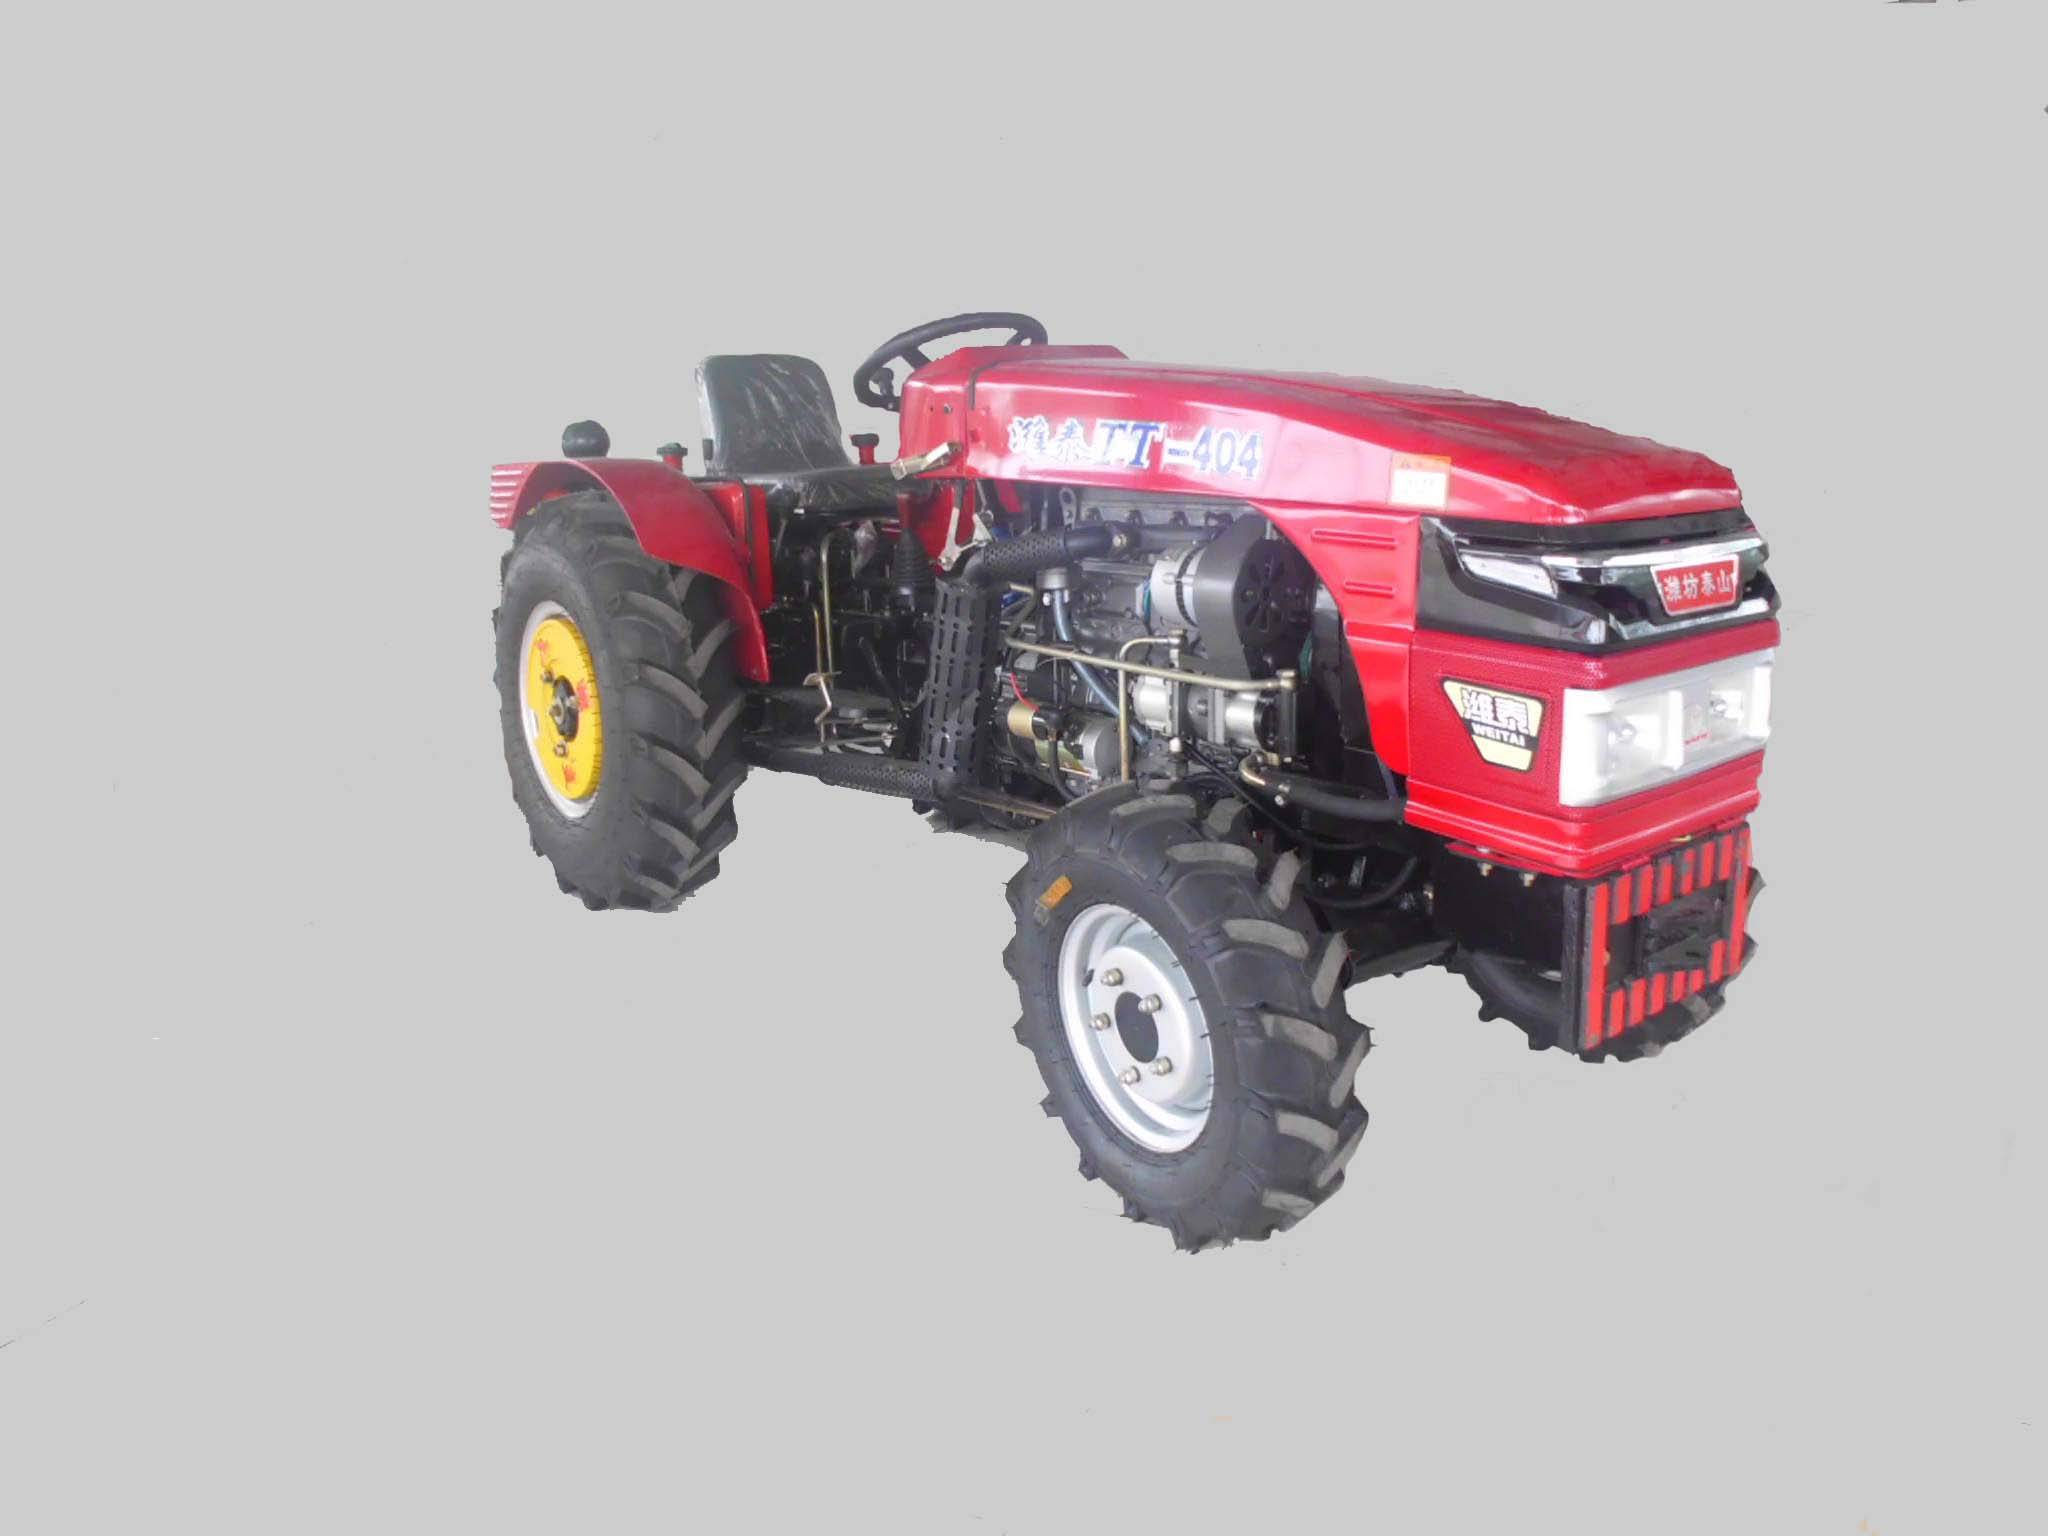 TT404 Garden Tractor